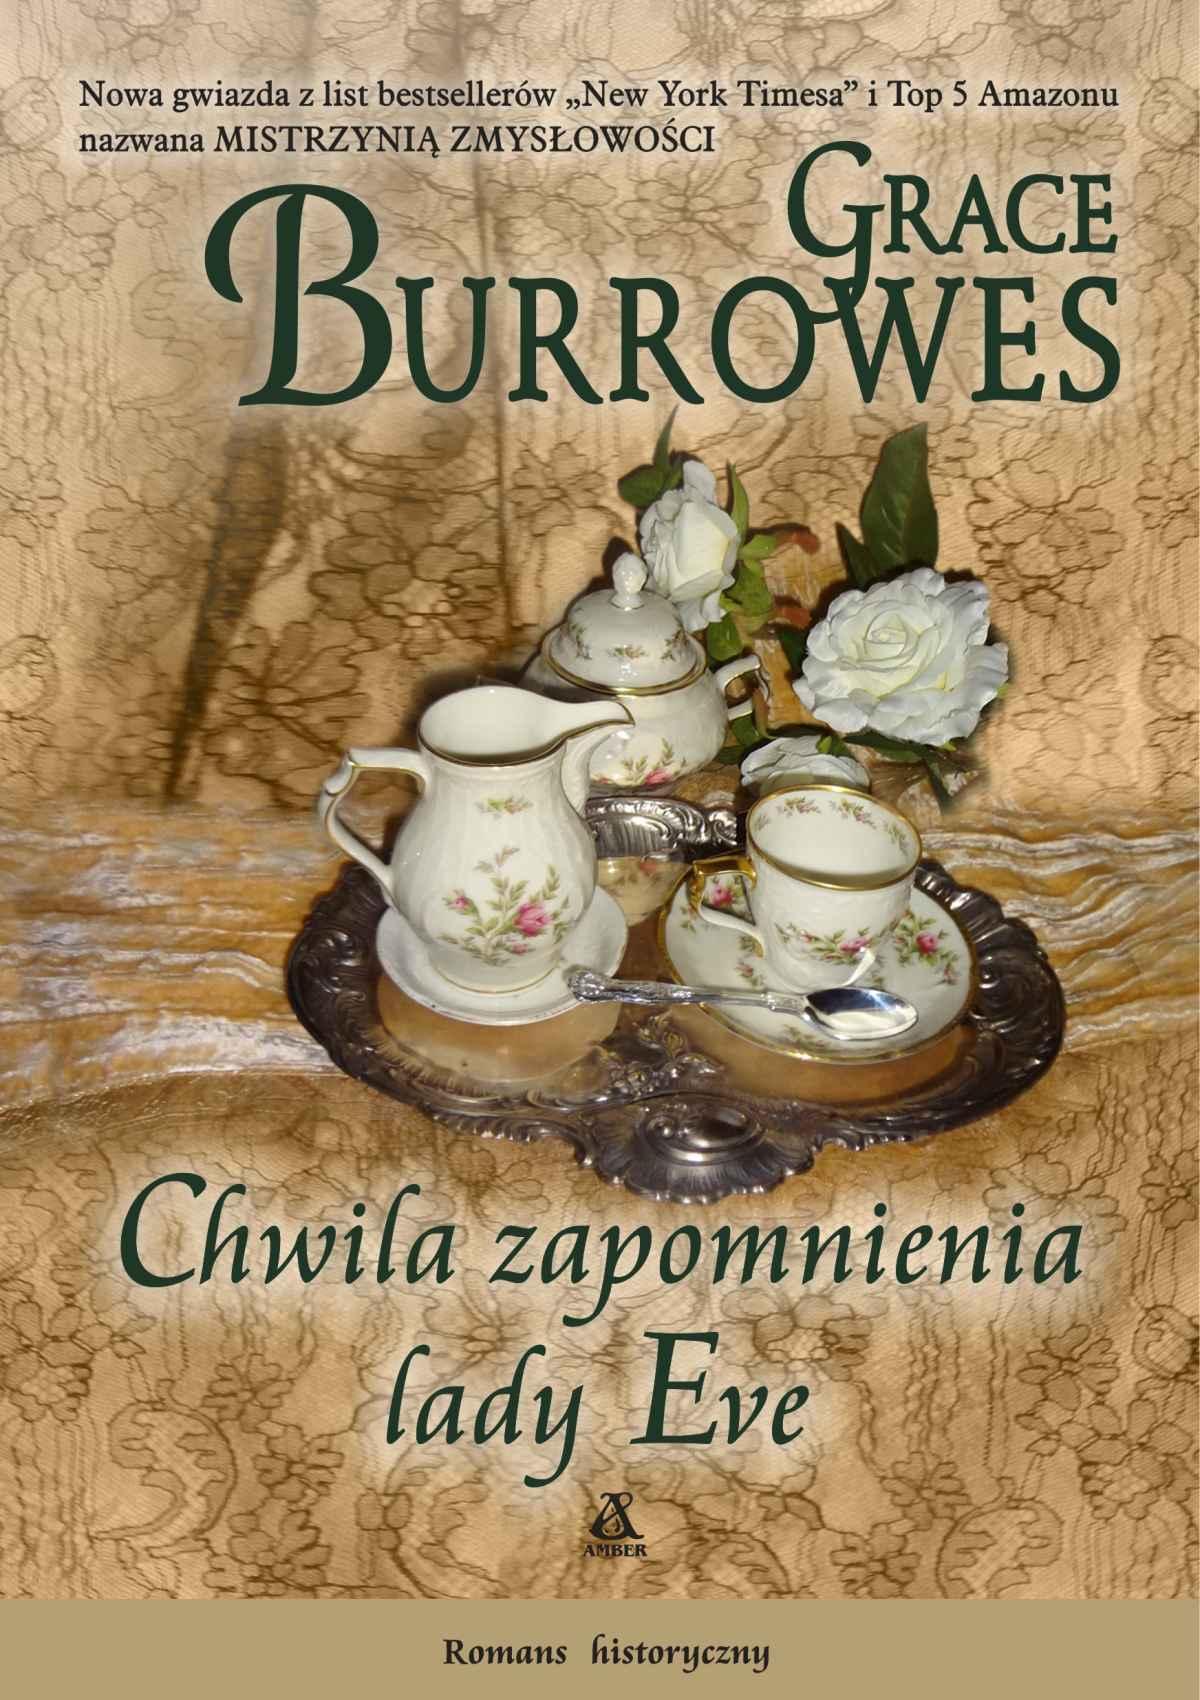 Chwila zapomnienia lady Eve - Ebook (Książka na Kindle) do pobrania w formacie MOBI